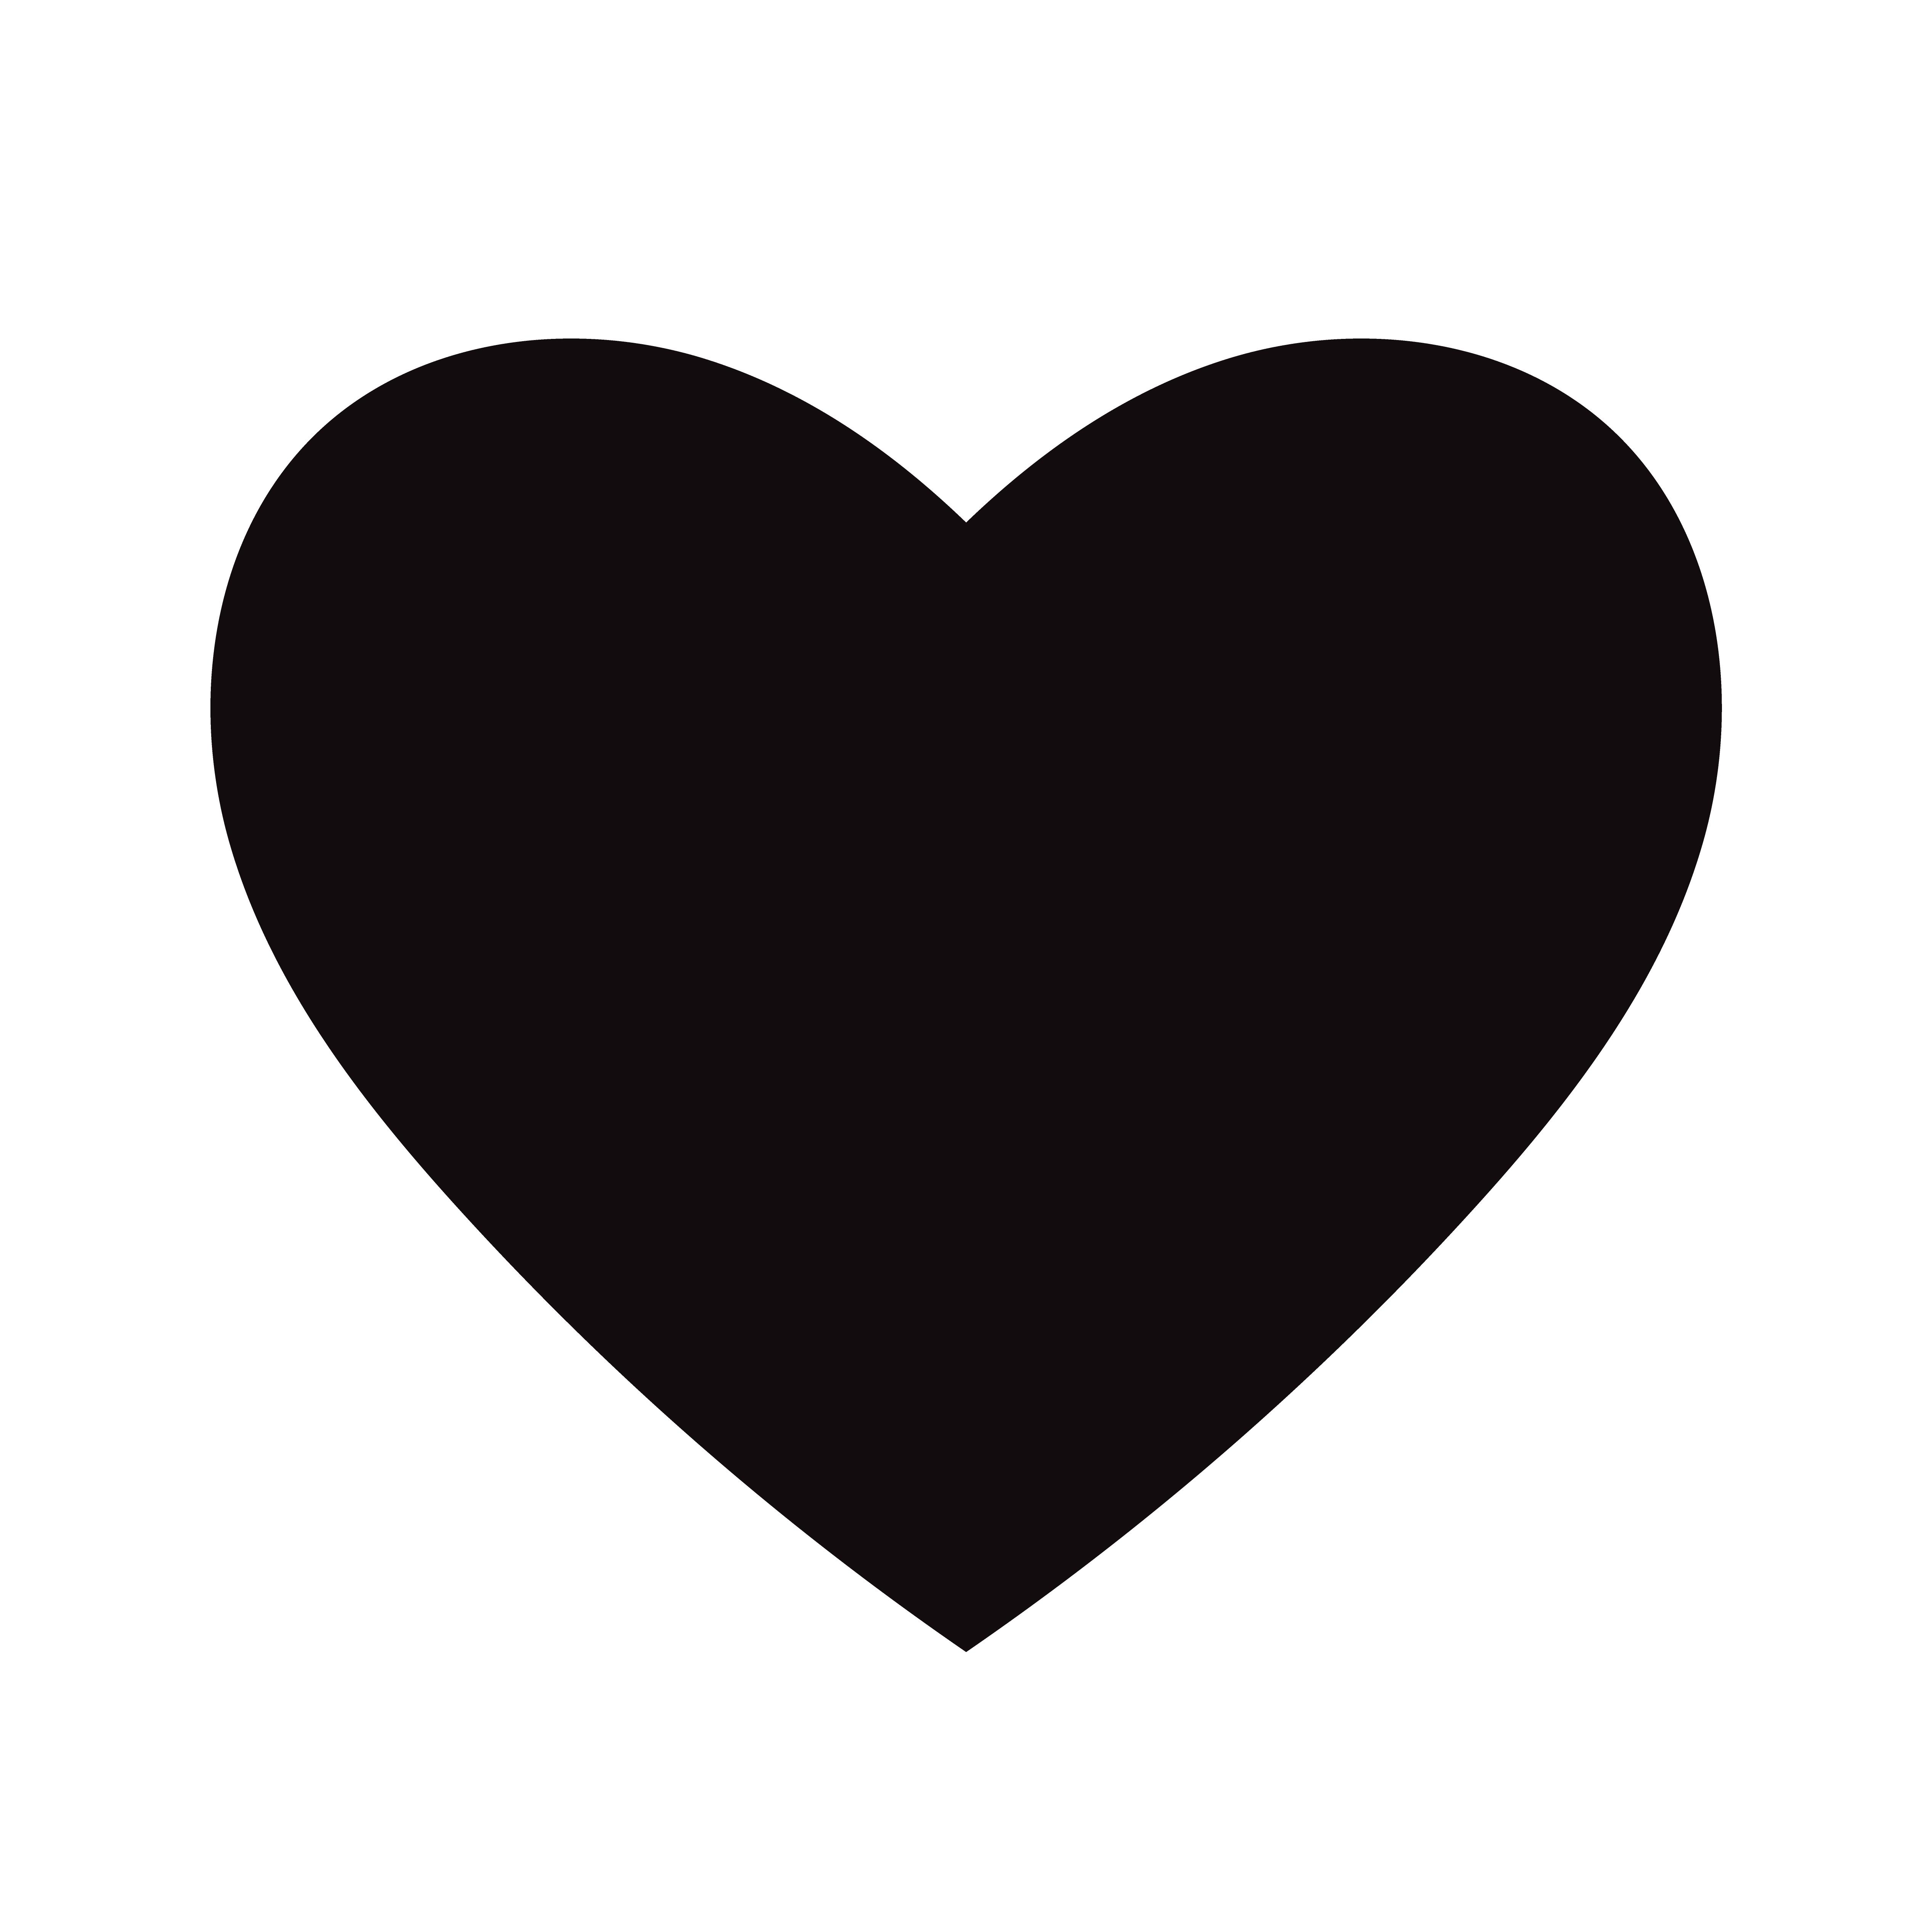 Icona Del Cuore Nero Piatto Isolato Su Sfondo Bianco Illustrazione